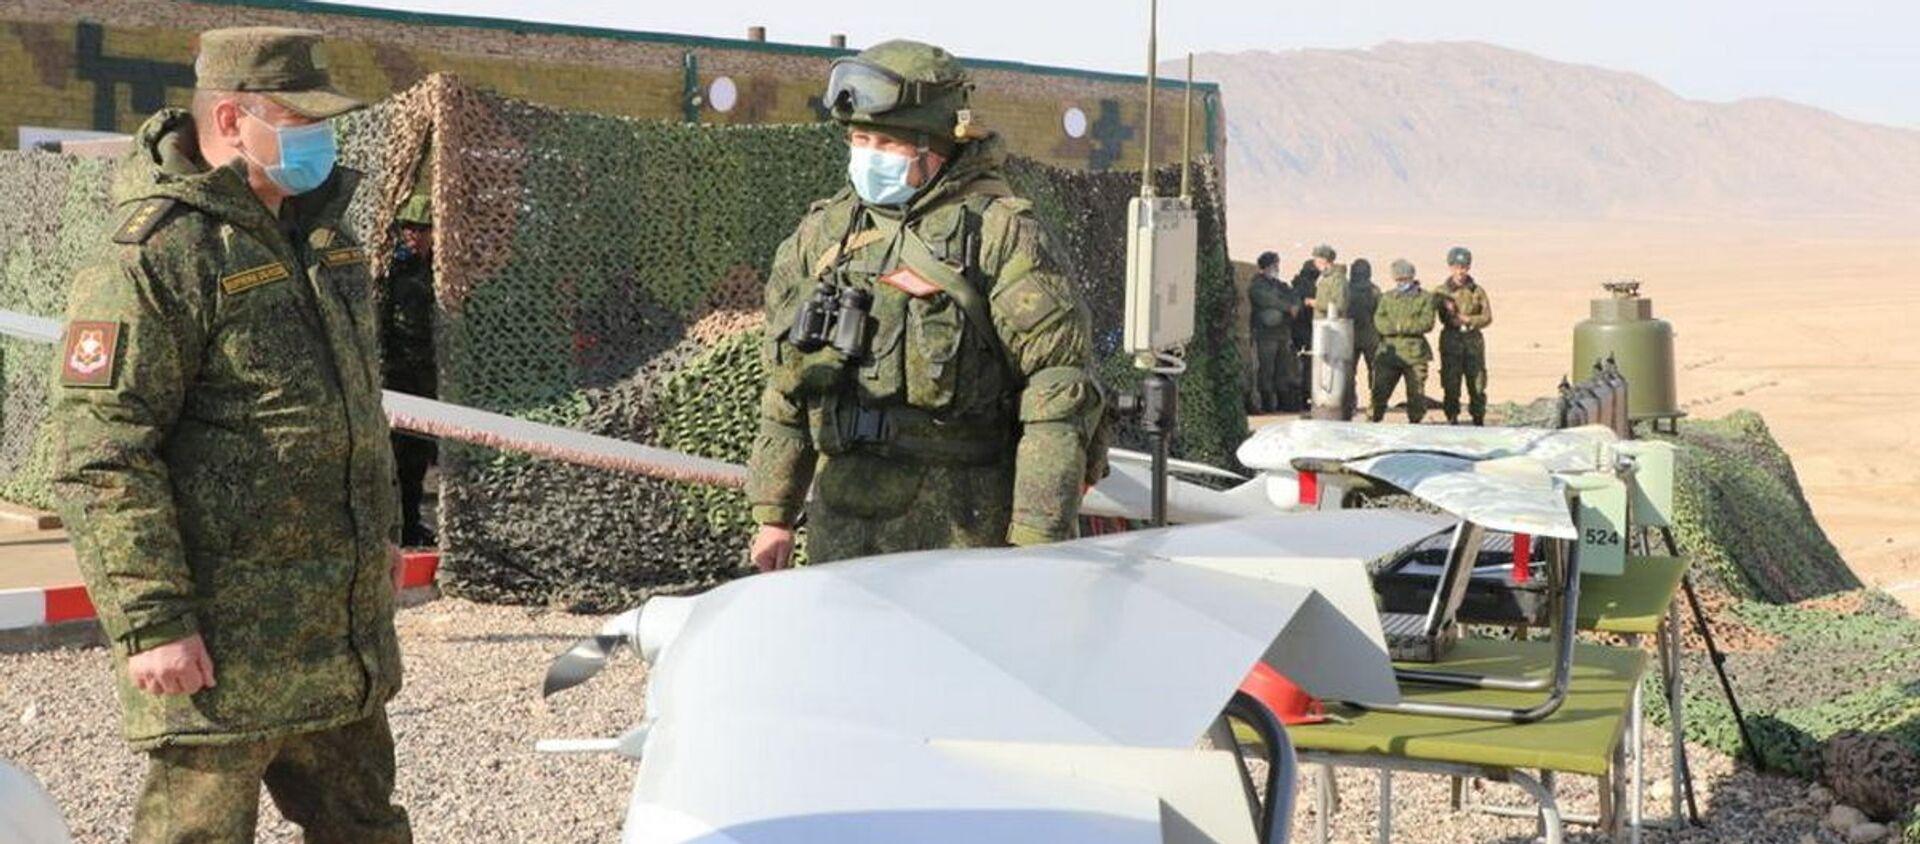 Завершился основной этап совместного учения военнослужащих 201-й российской военной базы и подразделений вооруженных сил Республики Таджикистан - Sputnik Таджикистан, 1920, 28.01.2021